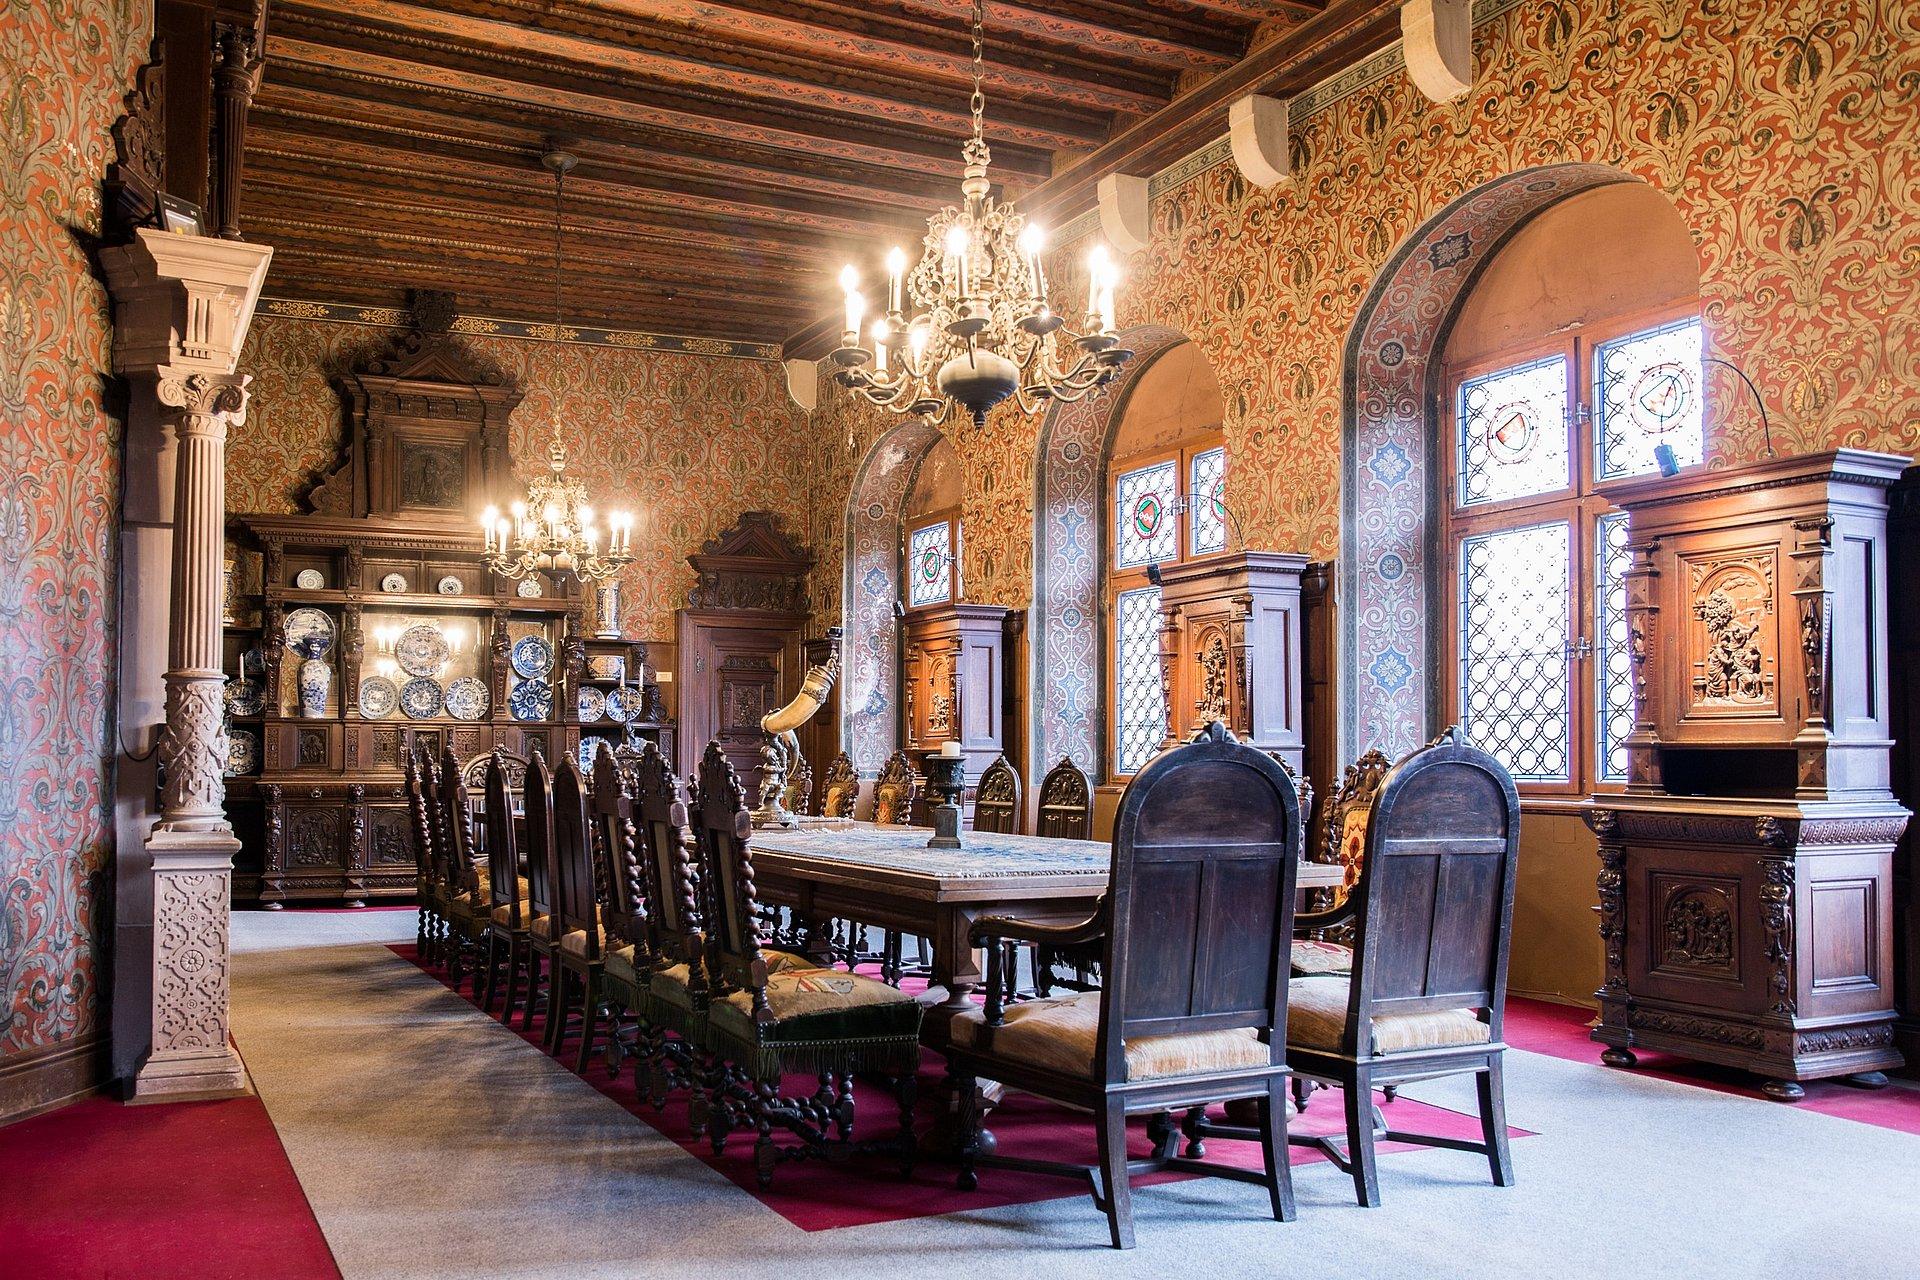 De eetzaal van de Reichsburg in Cochem, Moezel-regio